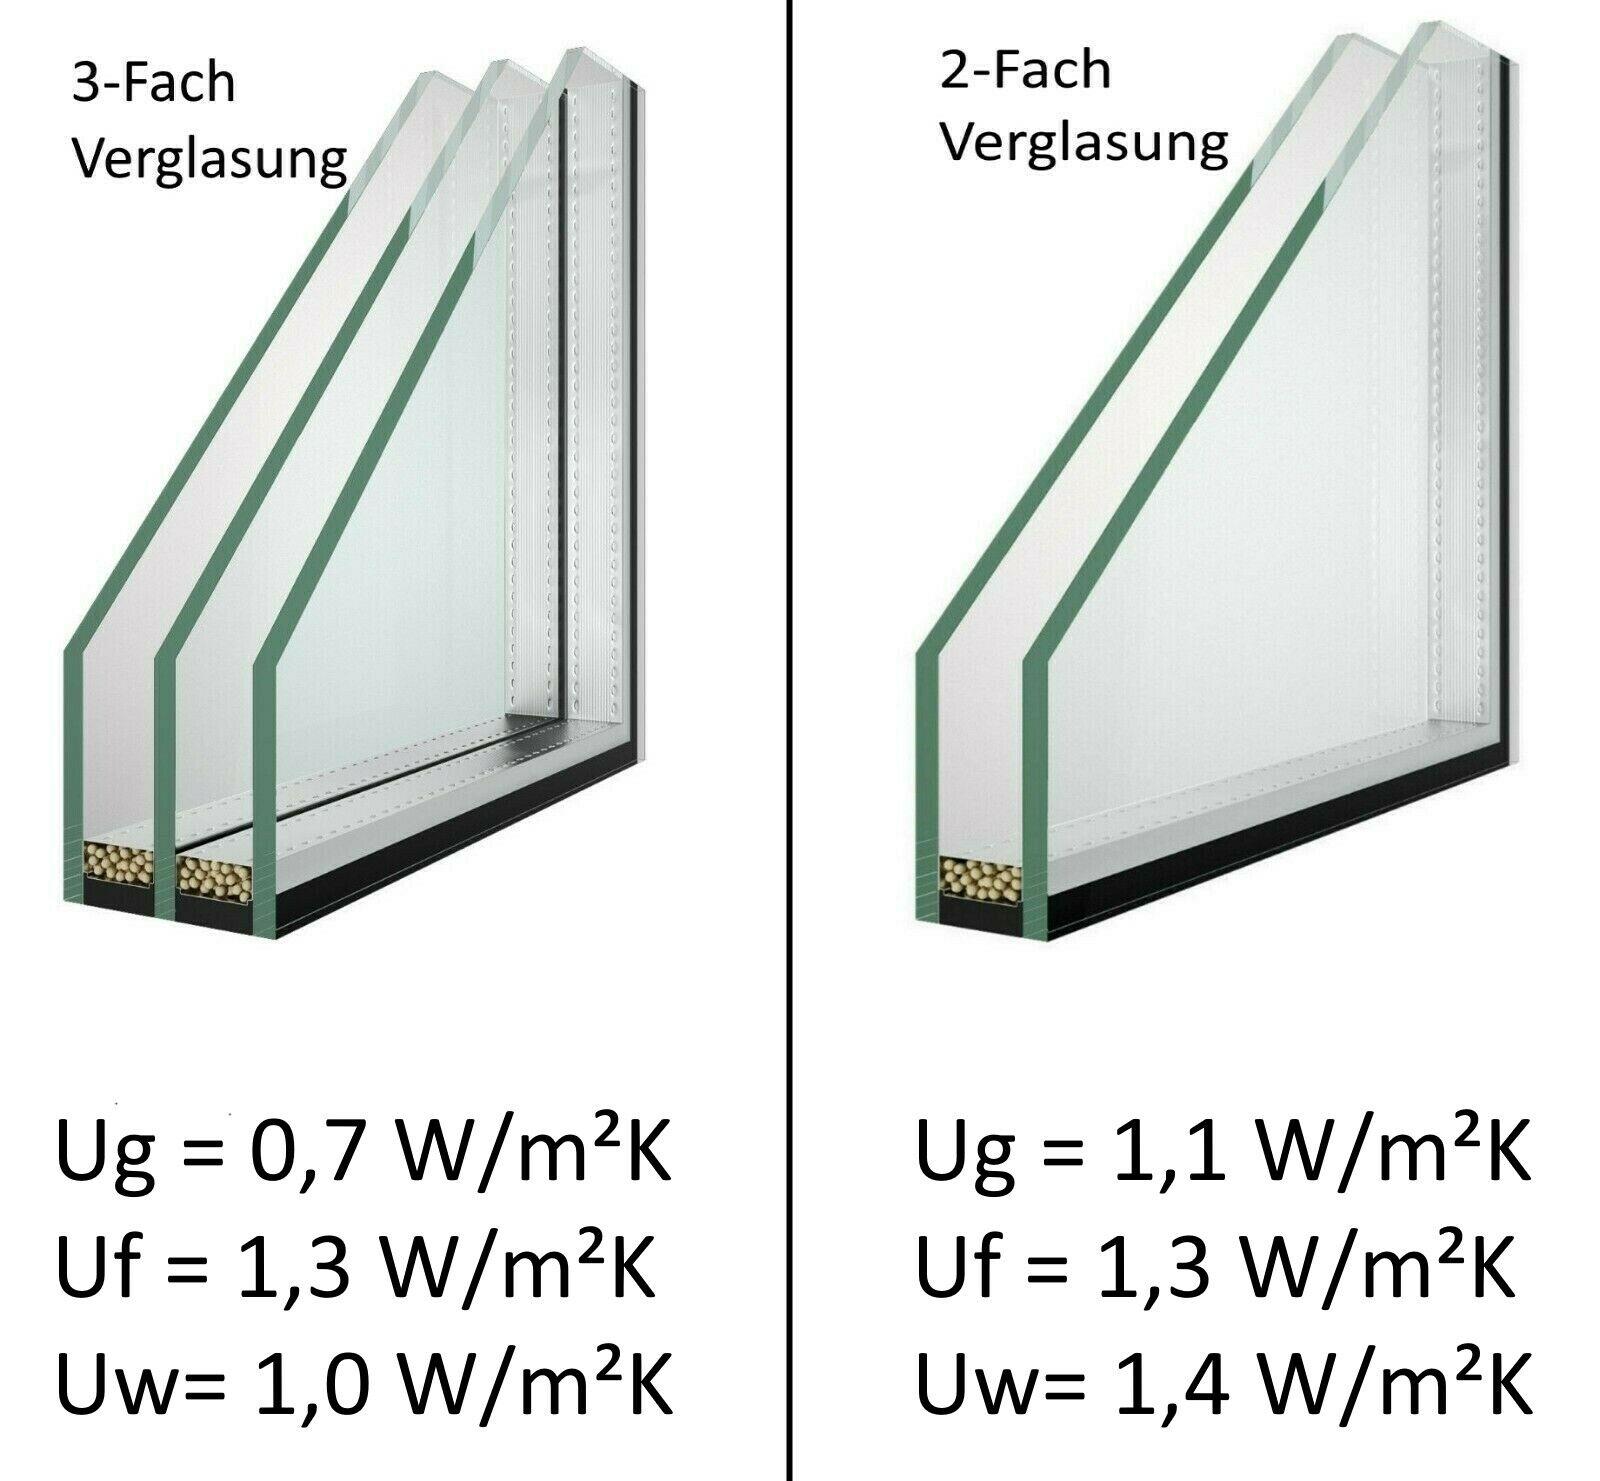 500 x 800 mm Fenster Dreh- /& Kippfunktion 2 fach Verglasung DIN Rechts Kellerfenster 60 mm Profil BxH: 50 x 80 cm innen wei/ß//au/ßen anthrazit